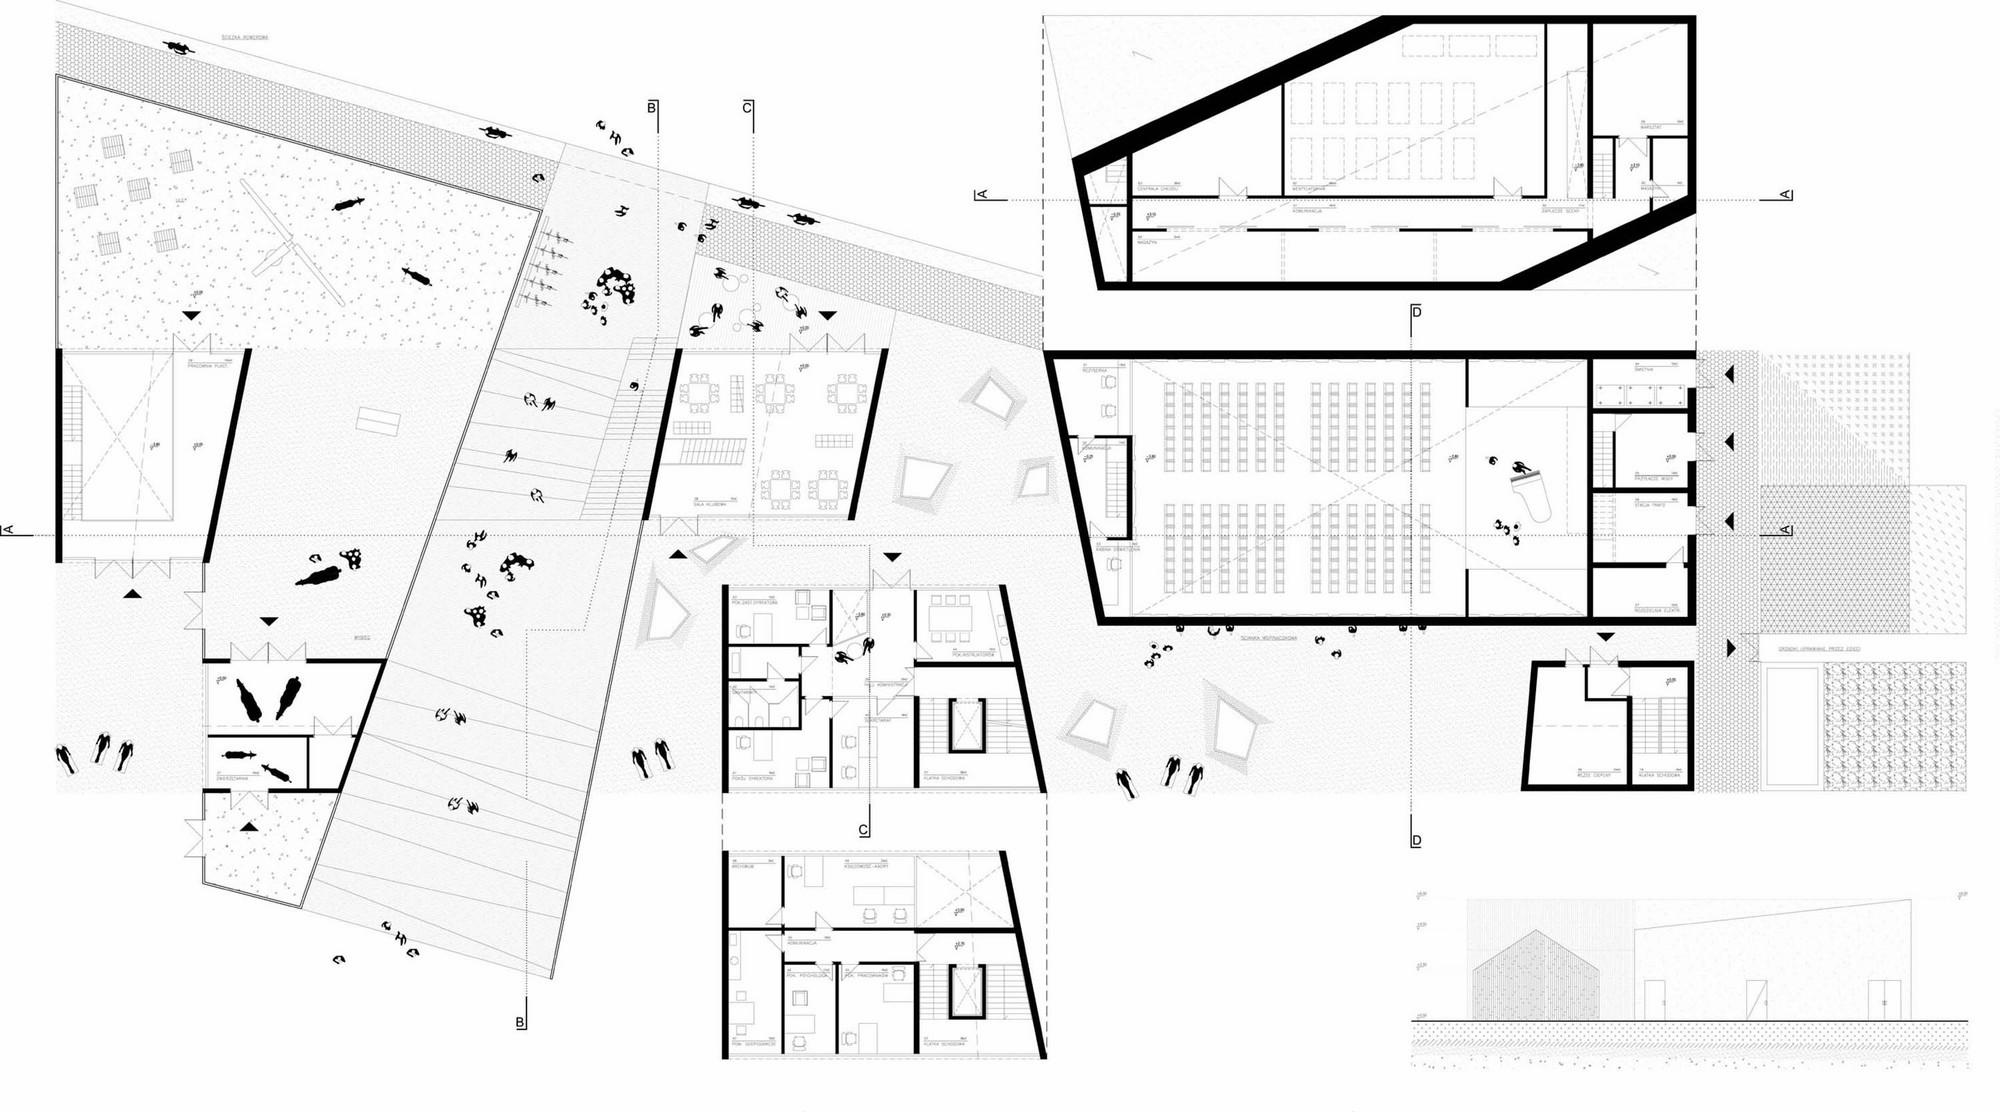 small resolution of sluzewski culture centre wwaa 307kilo